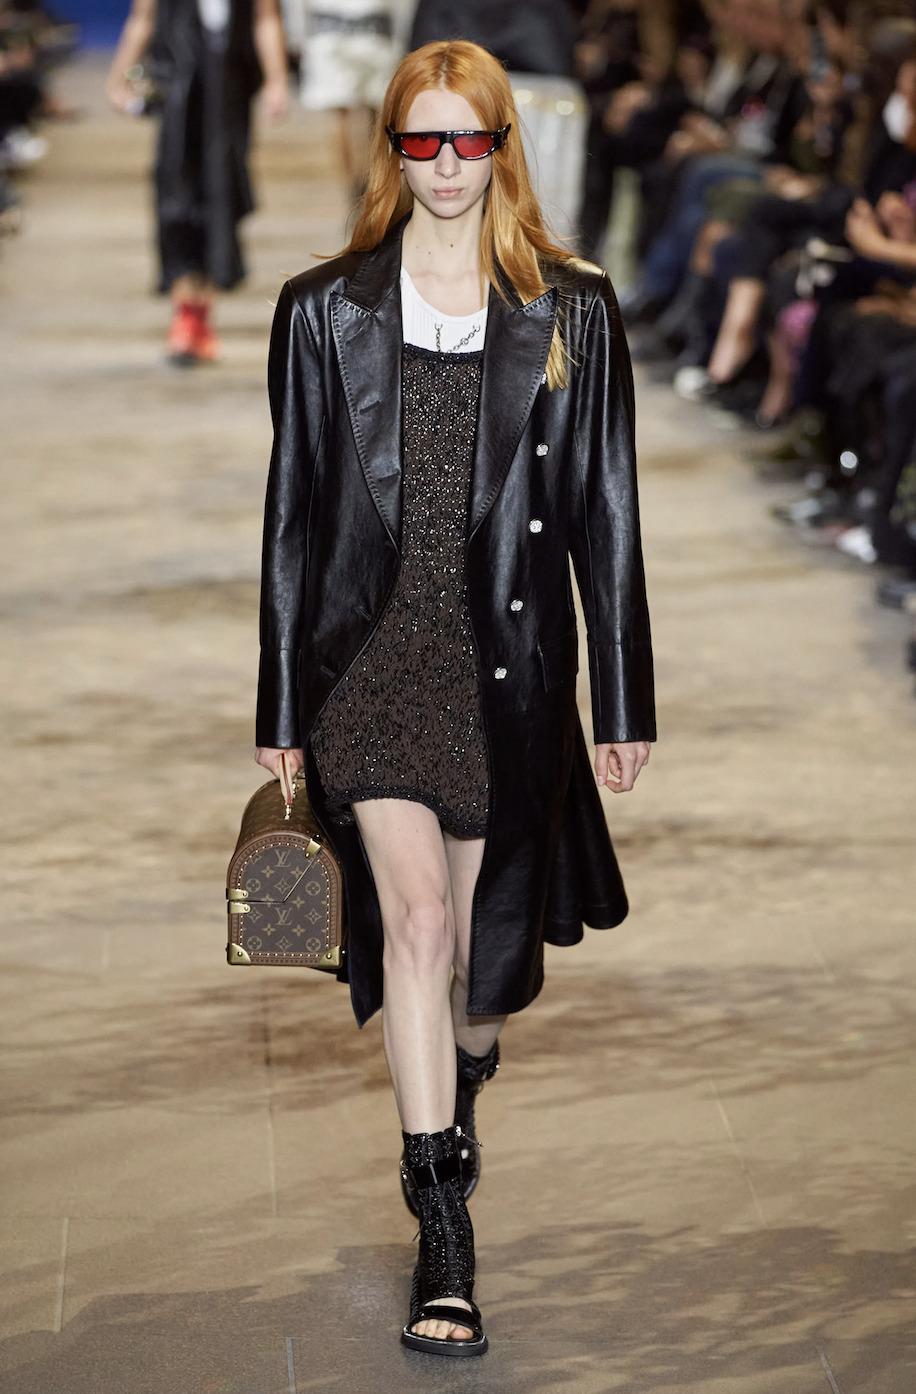 Les 10 grosses tendances mode à retenir de la fashion week printemps-été 2022